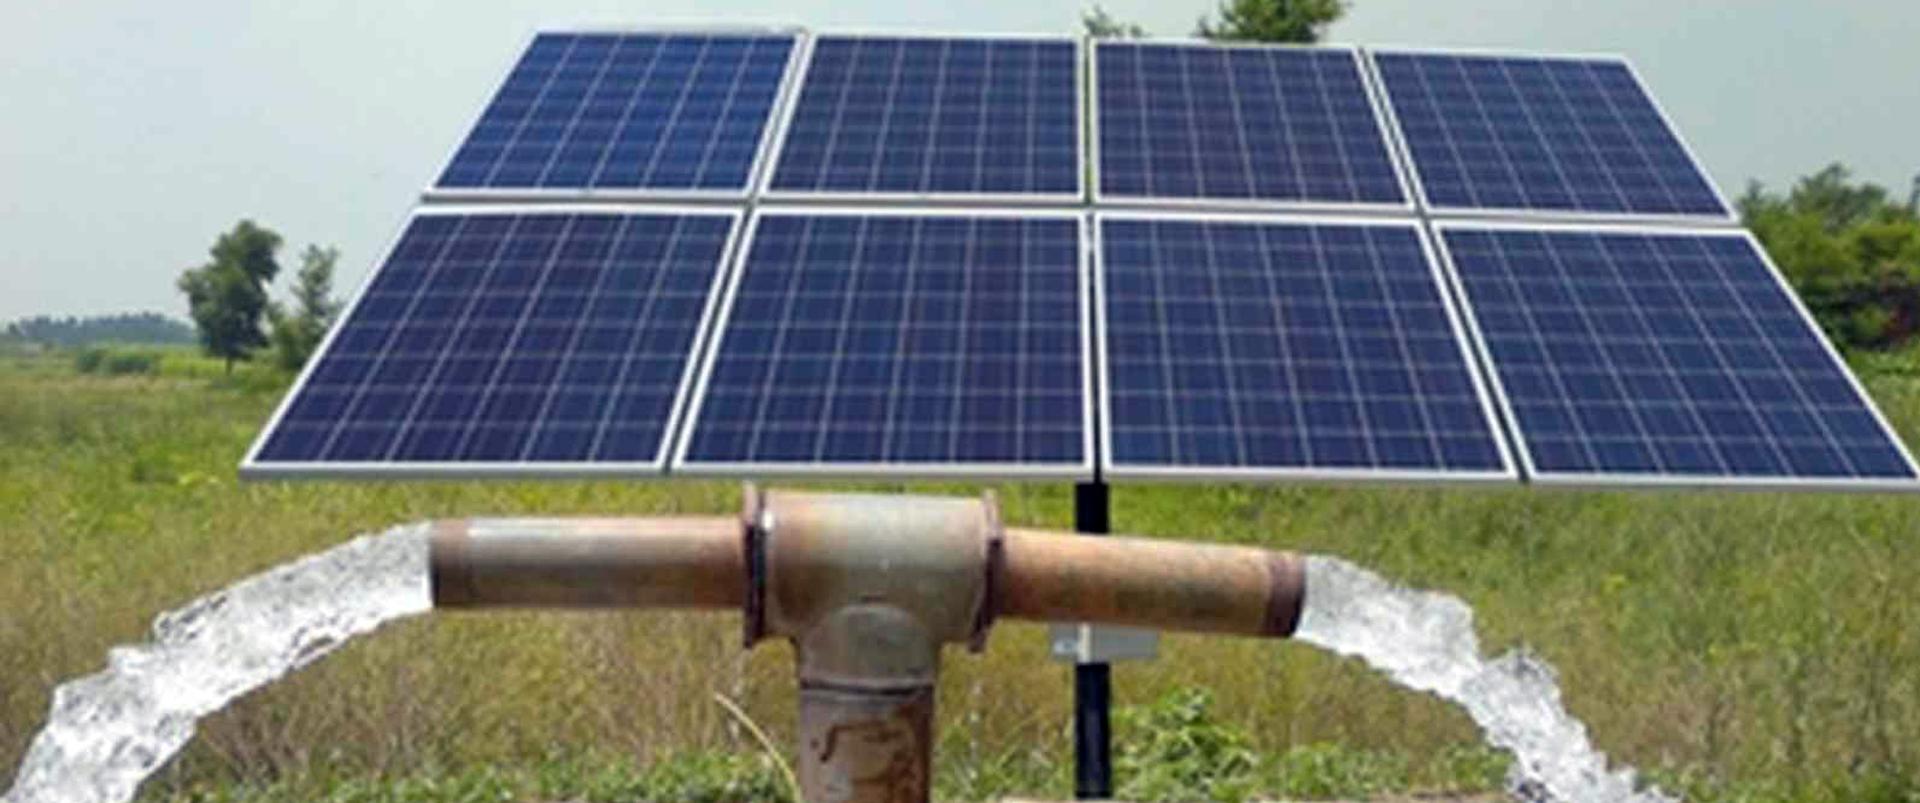 मुख्यमंत्री सौर कृषीपंप योजना